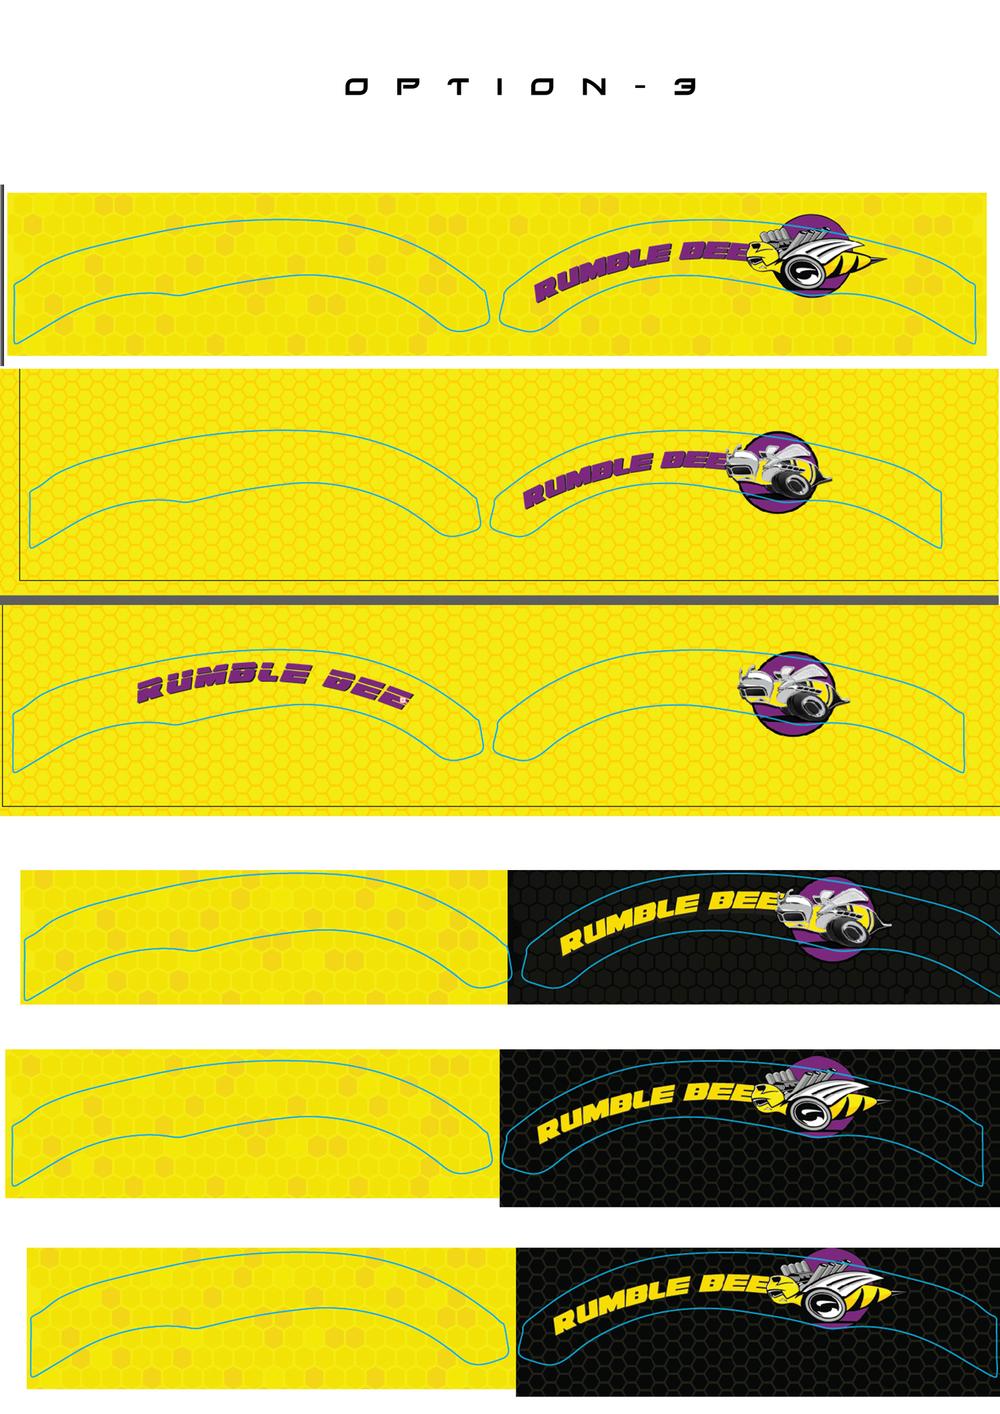 RumbleBee-Options3.jpg